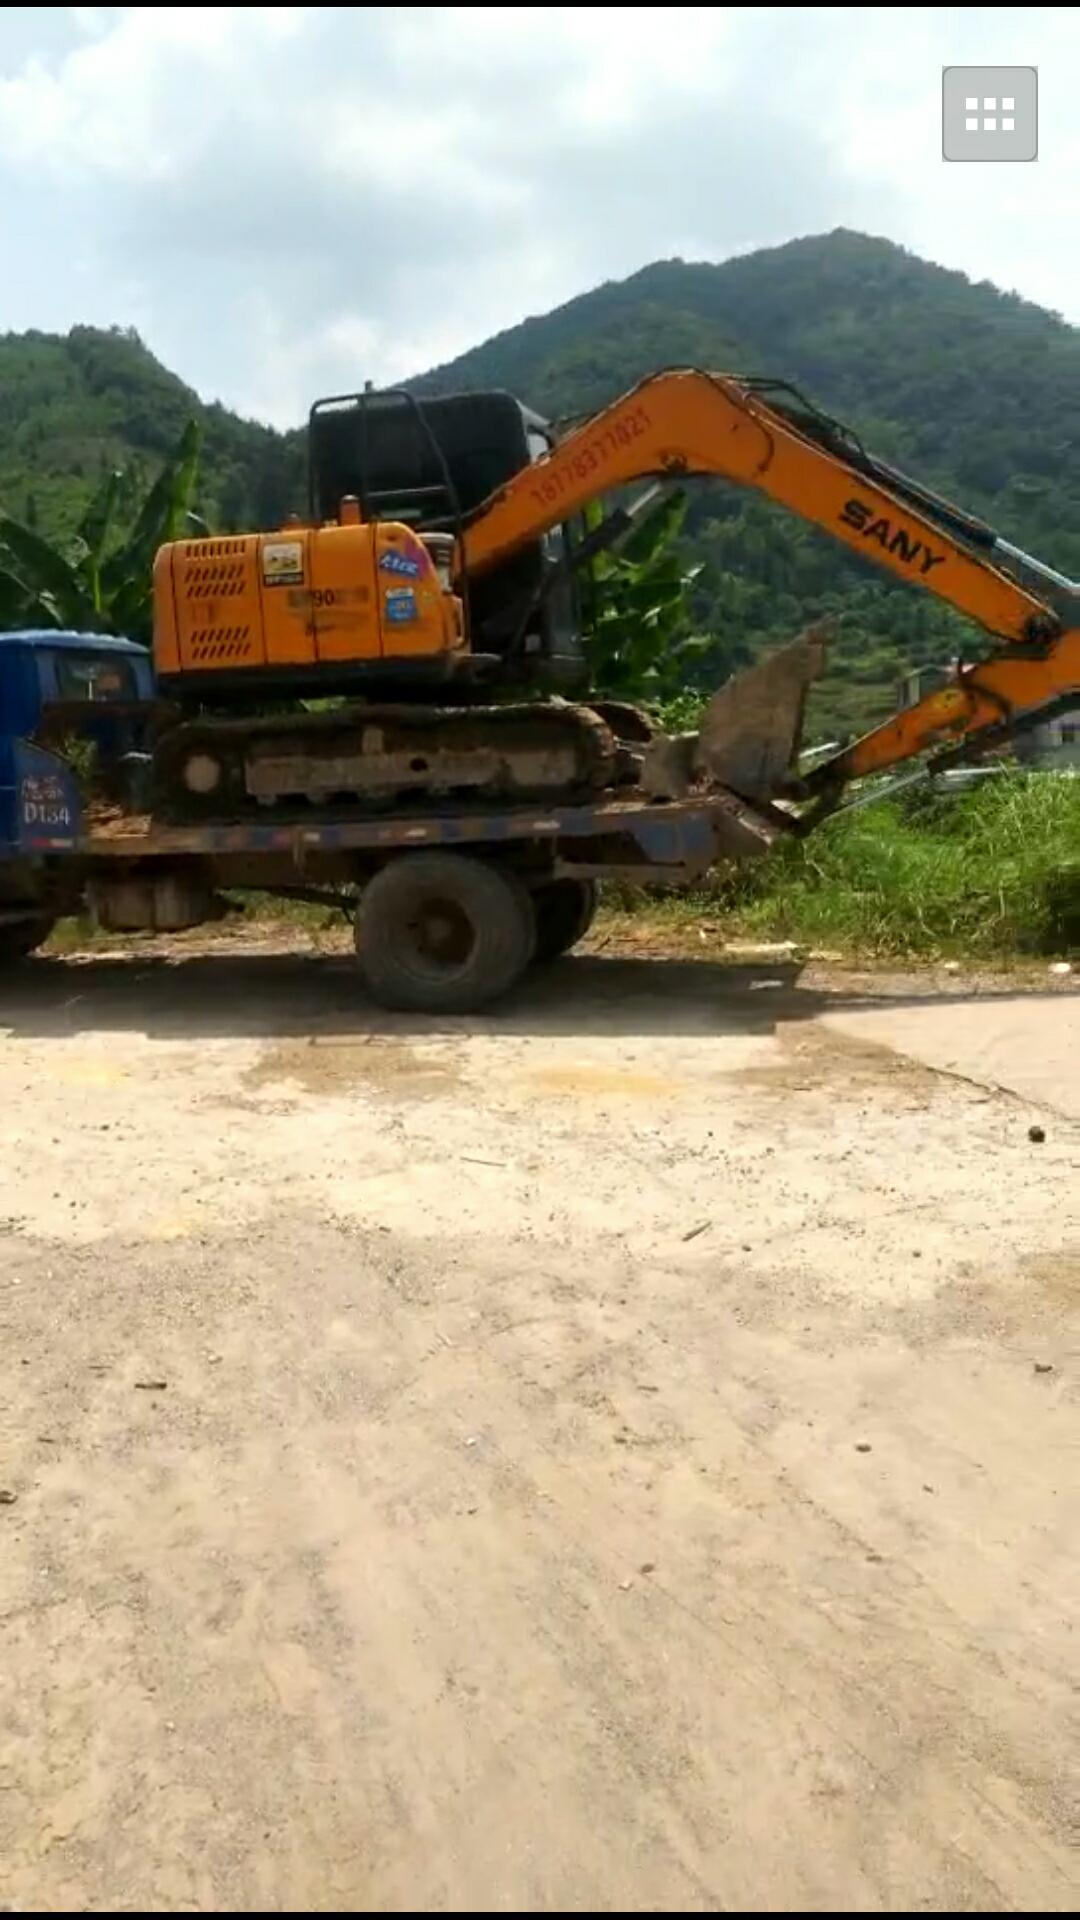 彻底的退出挖机行业